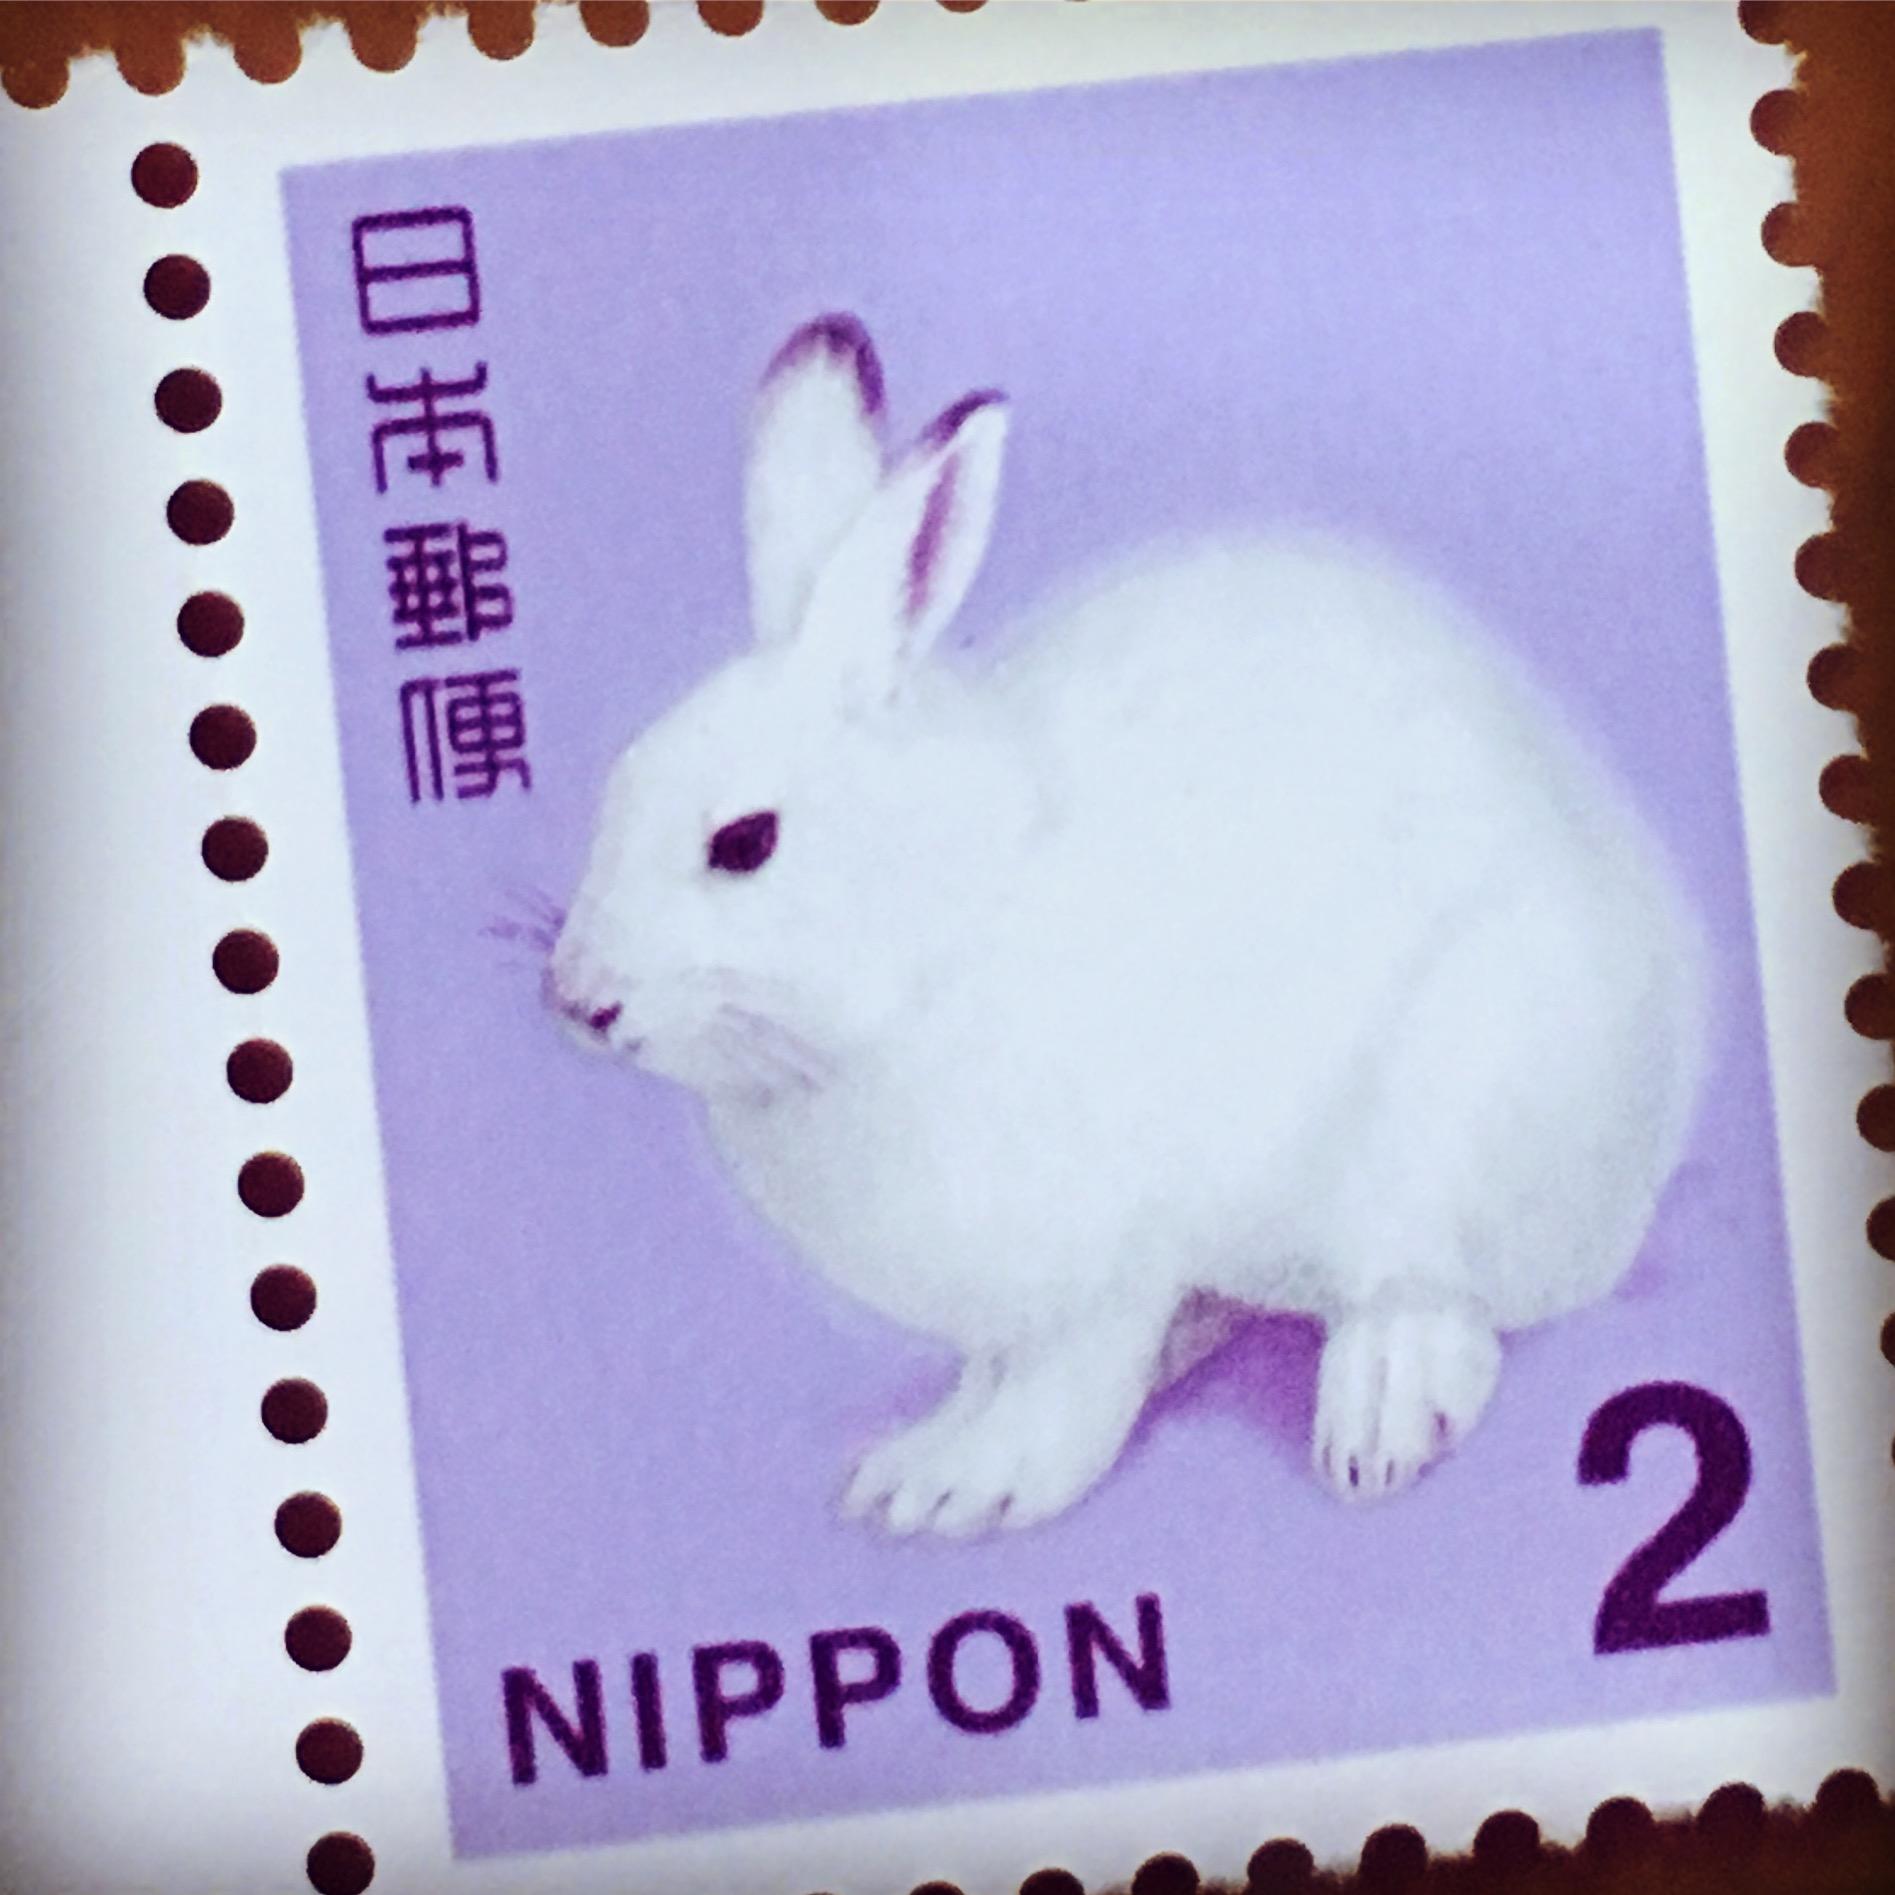 可愛いなぁ2円切手💕